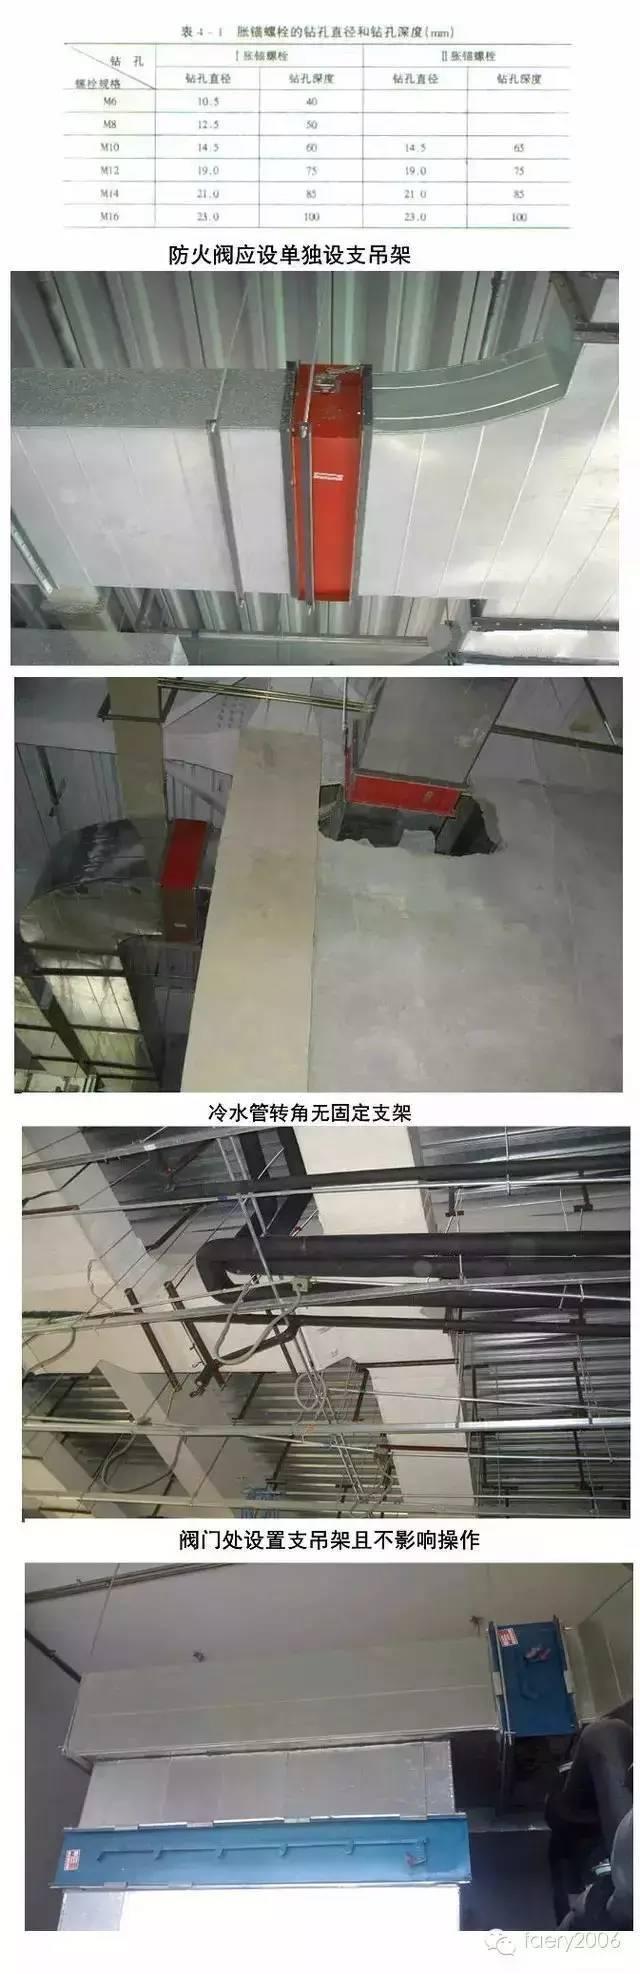 风管安装的21种质量通病_4